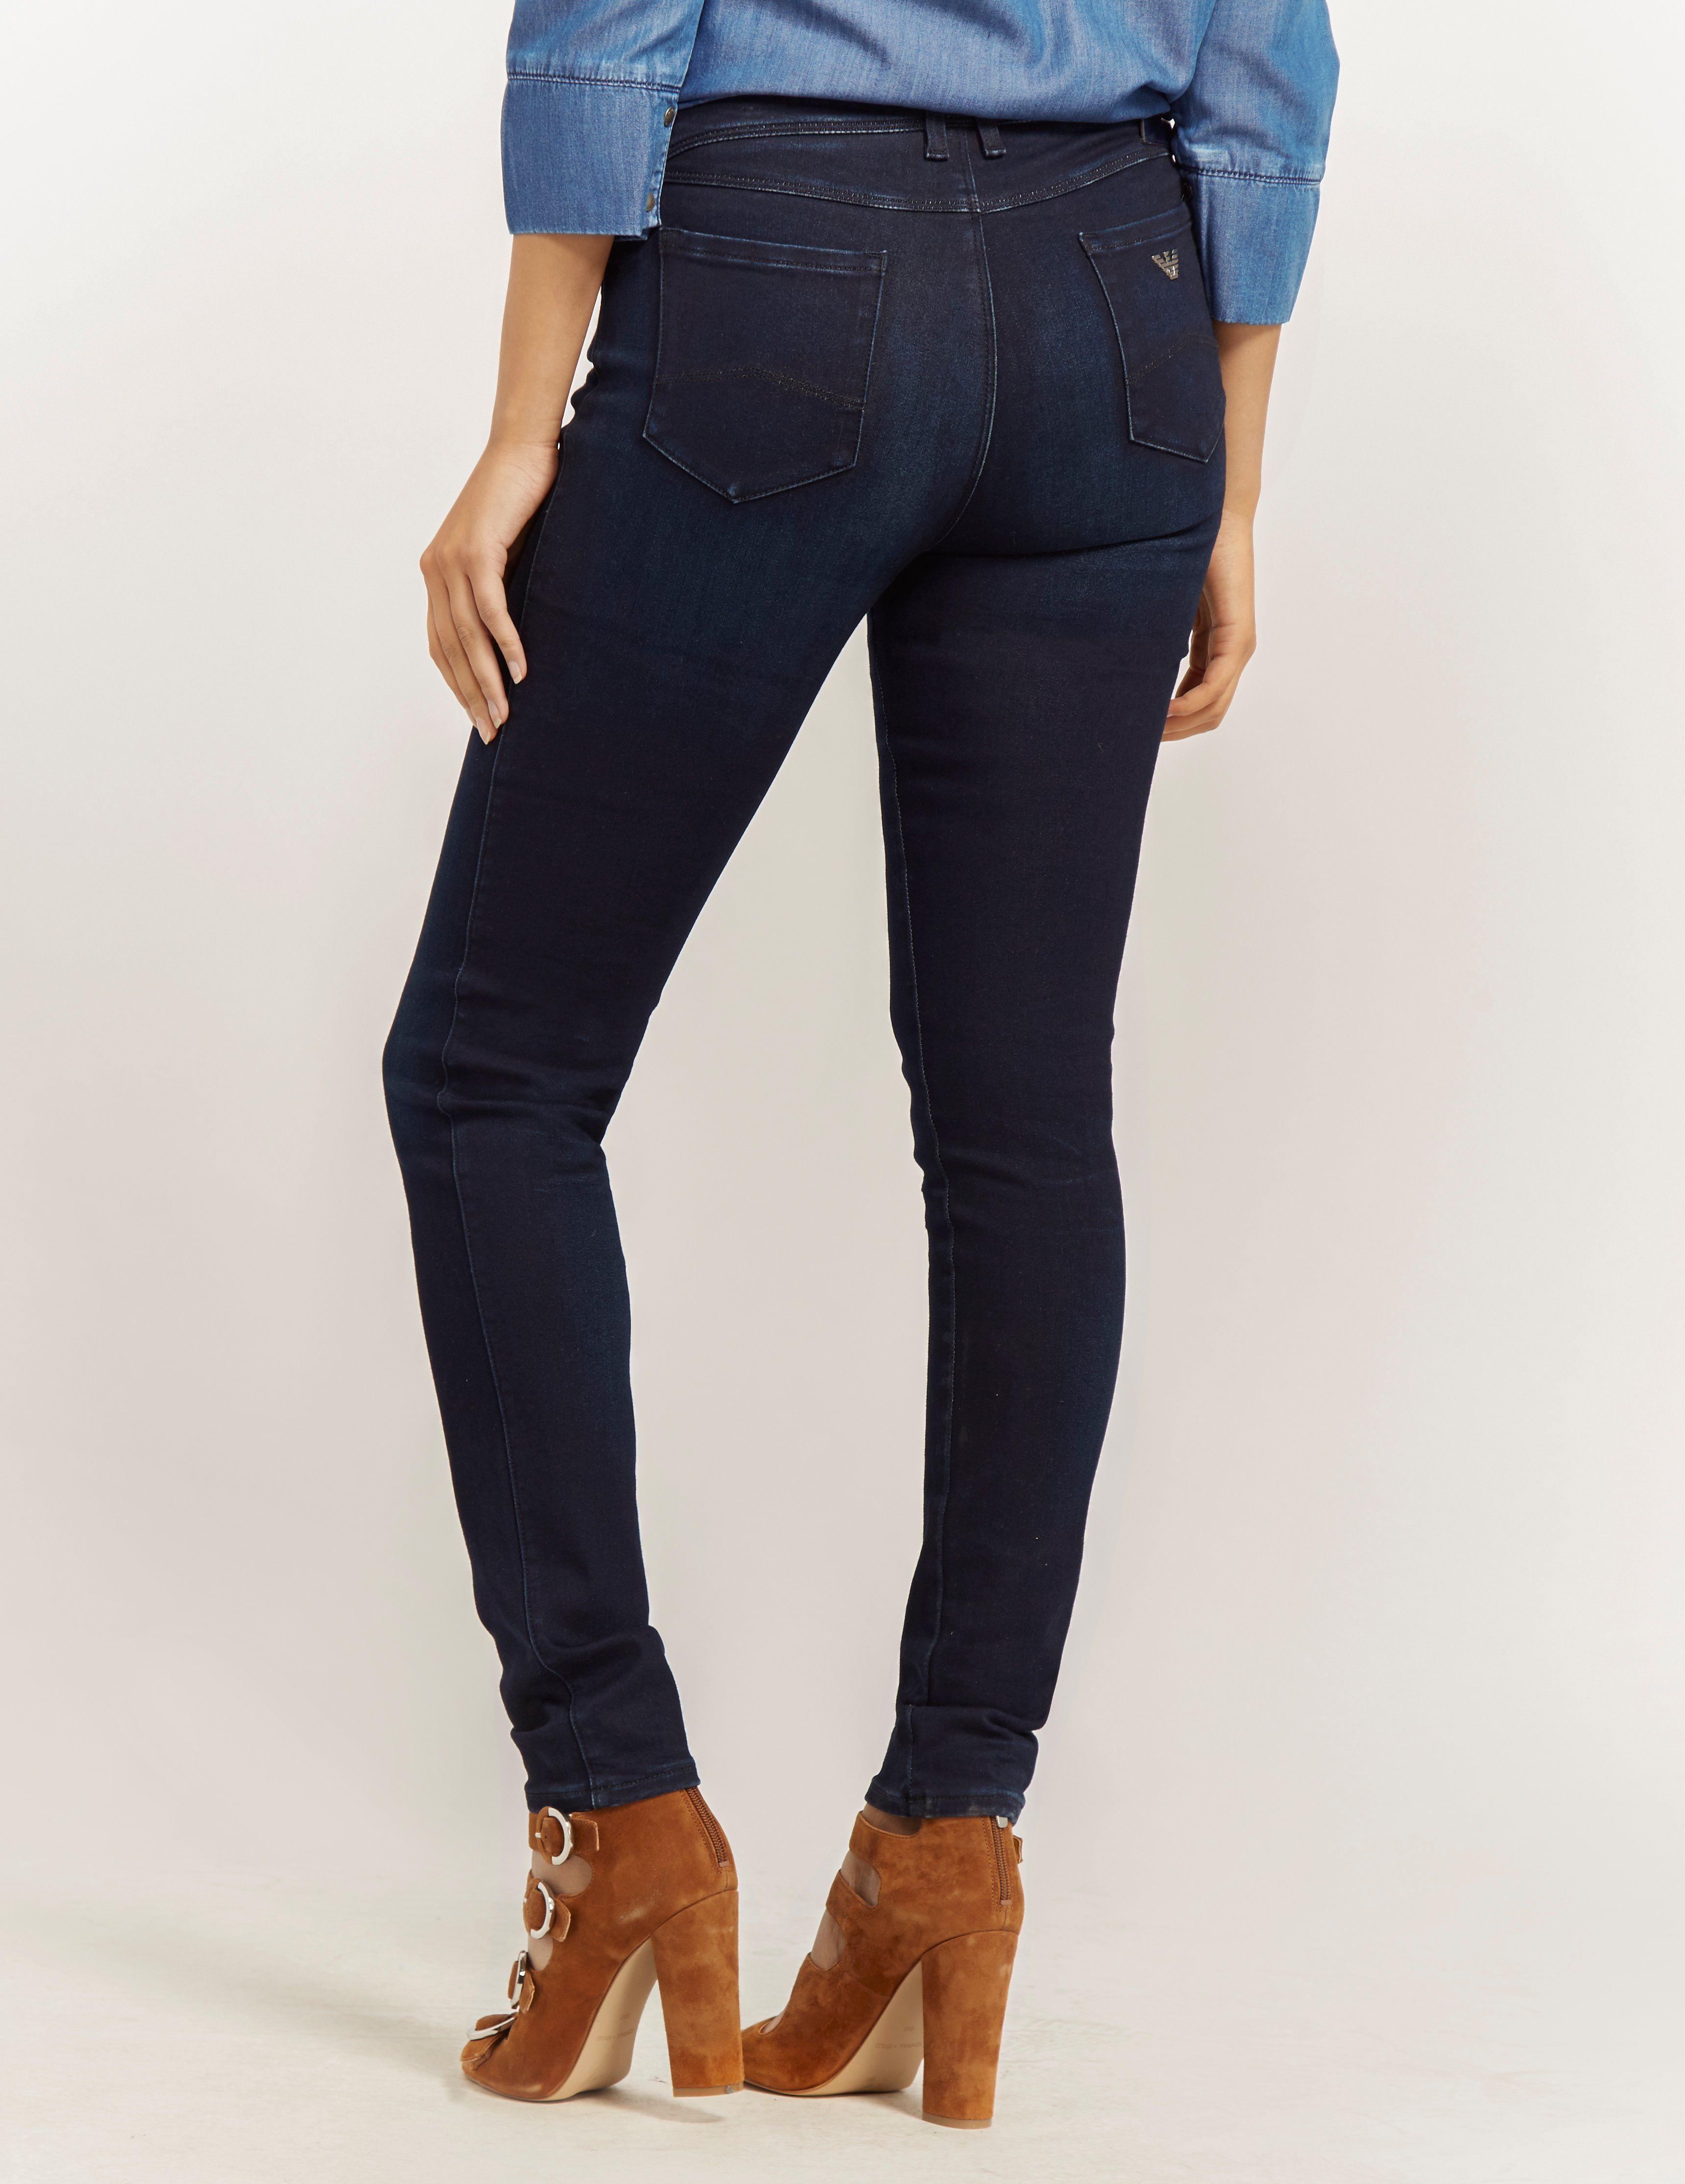 Armani Jeans Mid Waist Skinny Legging